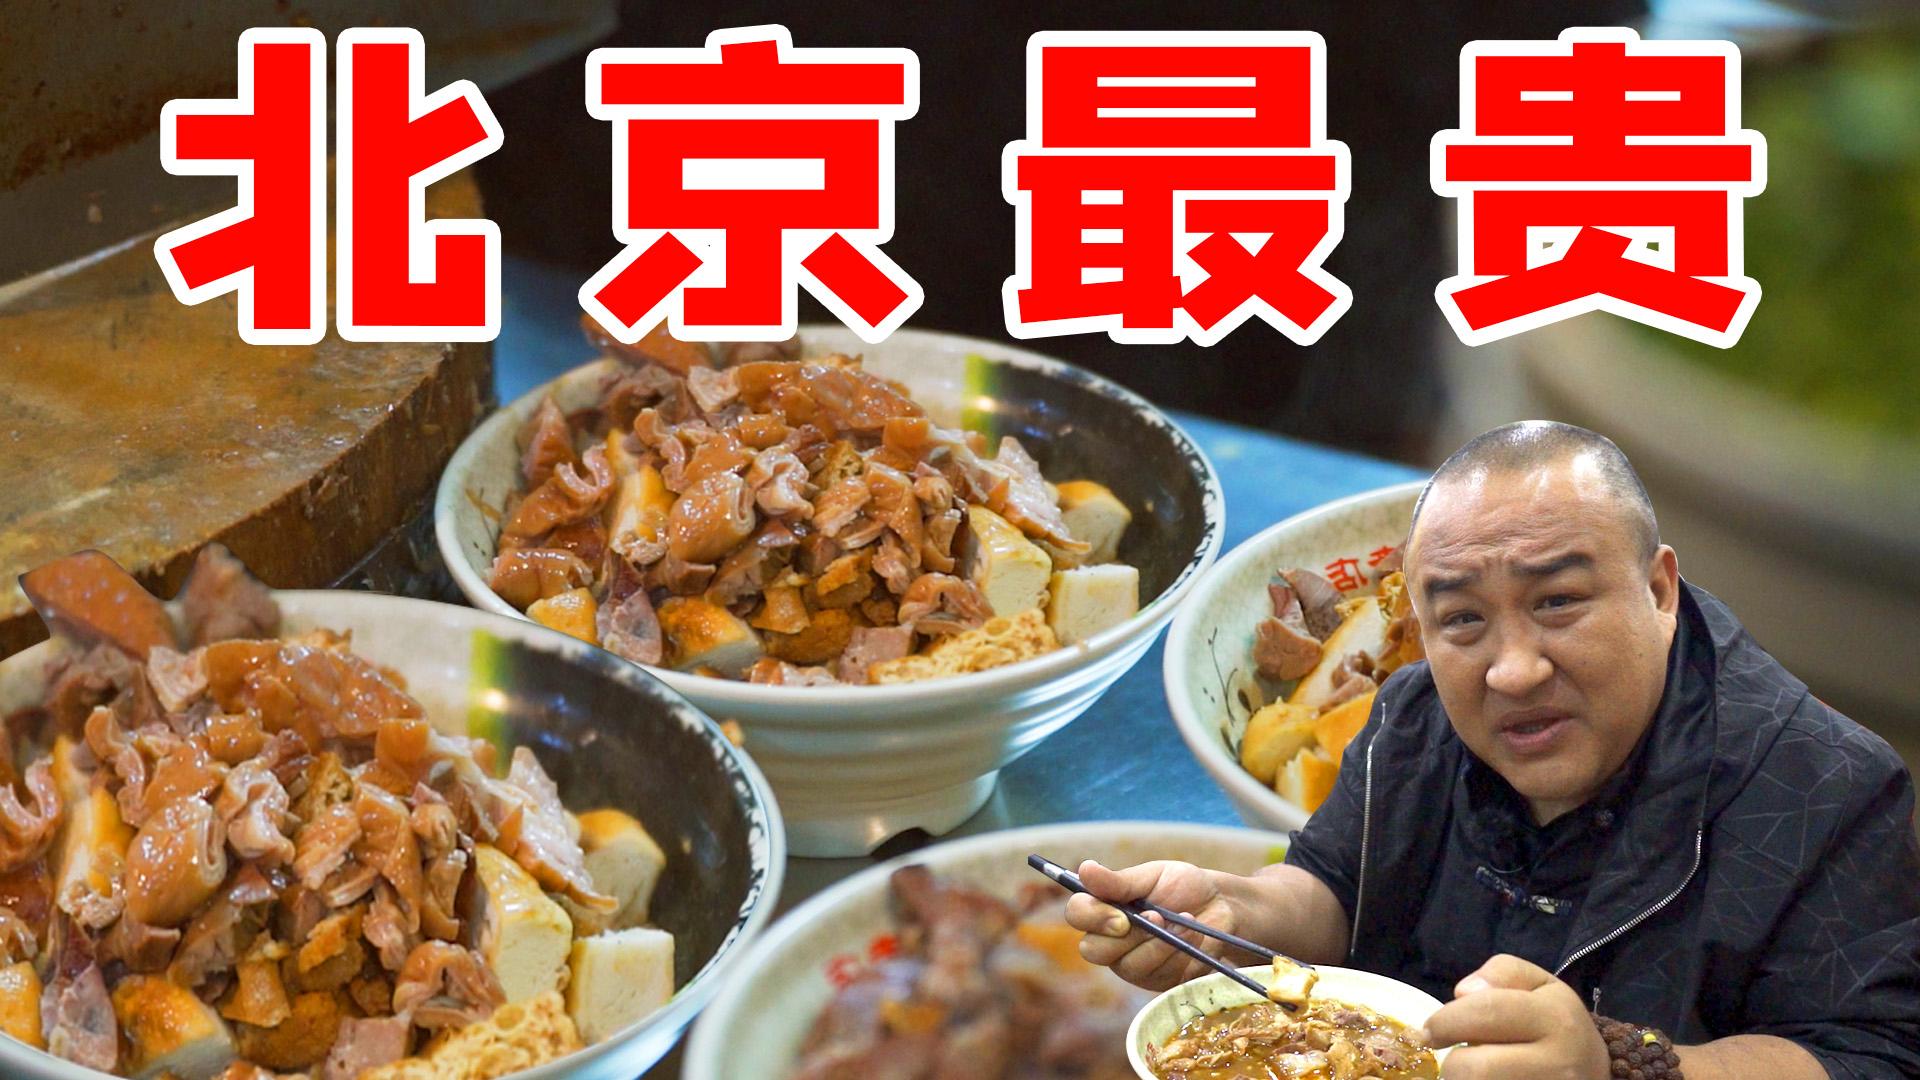 北京最贵卤煮,一碗敢卖58元,凌晨还爆满?穷人再也吃不起!